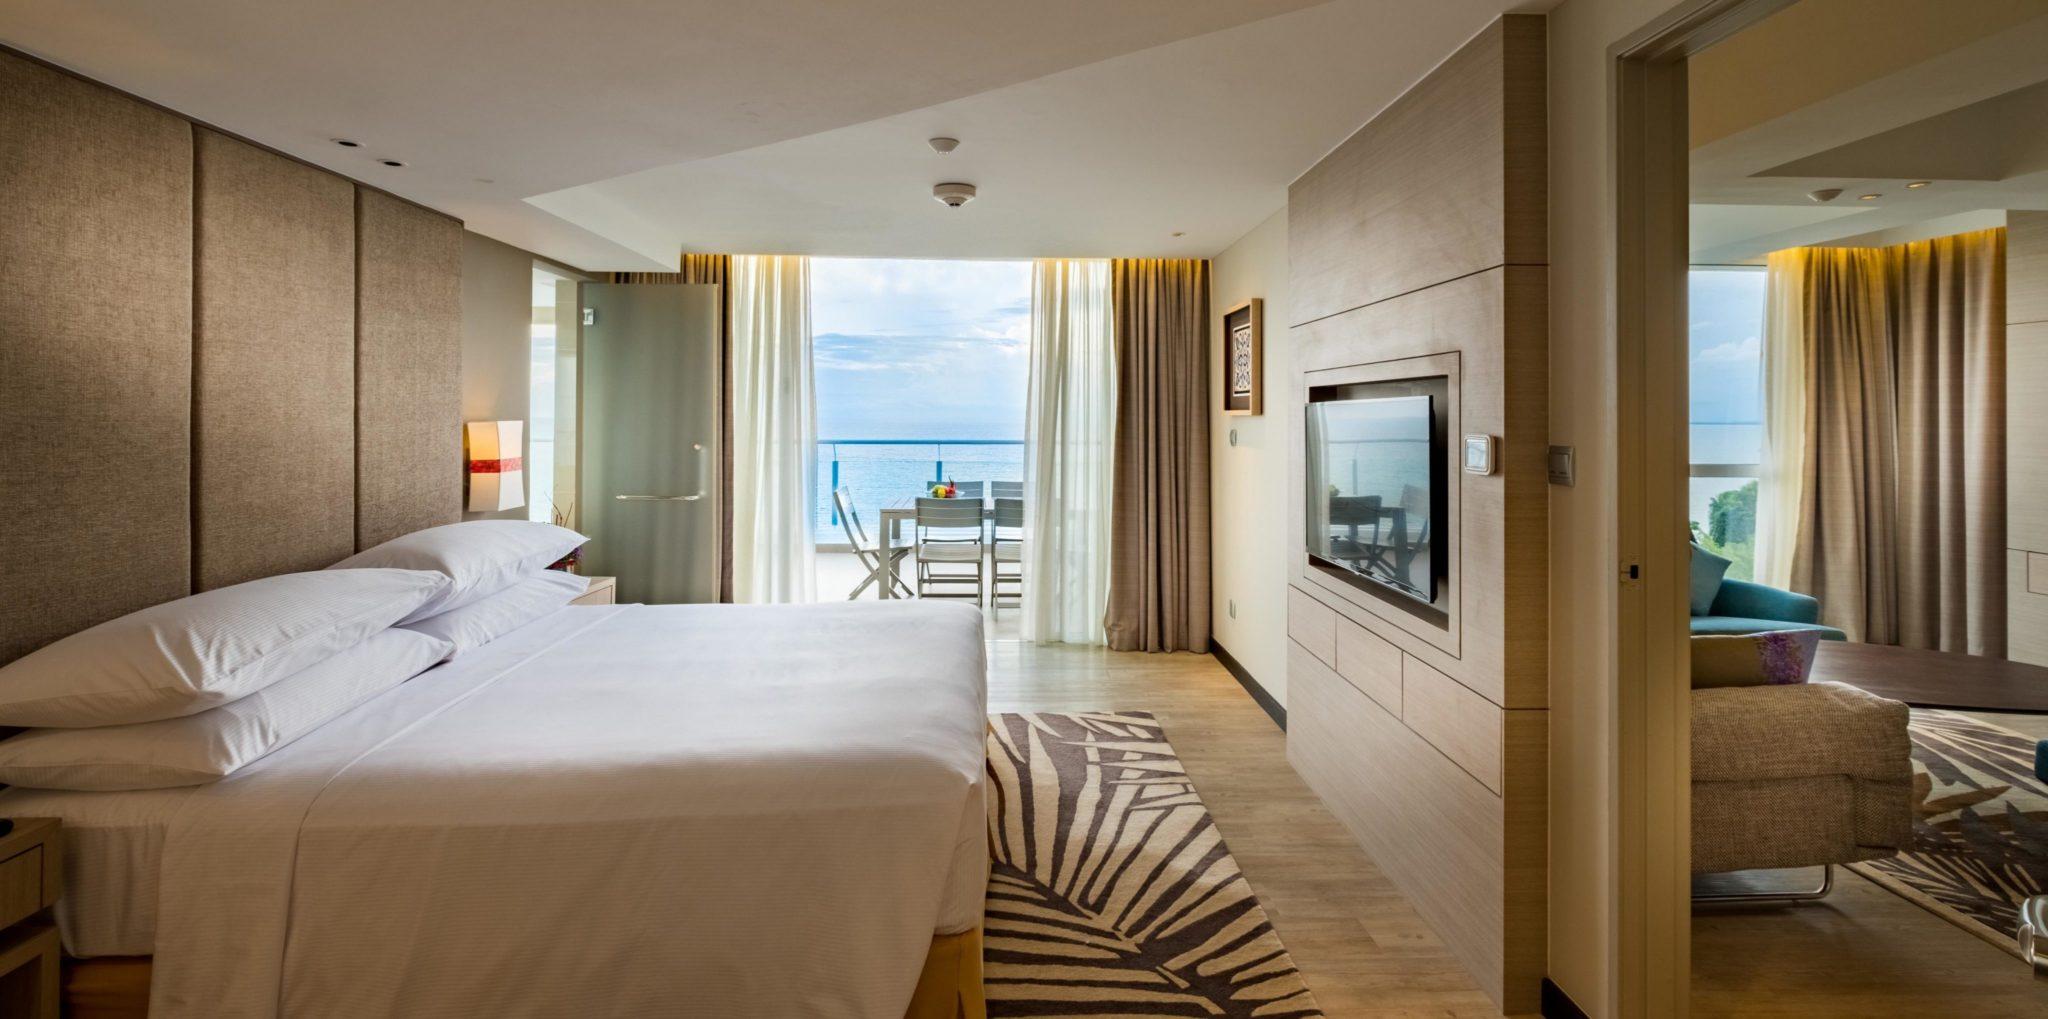 เปิดแล้ว! DoubleTree Resort by Hilton Penang แห่งแรกในเมืองปีนัง มาเลเซีย 2 -